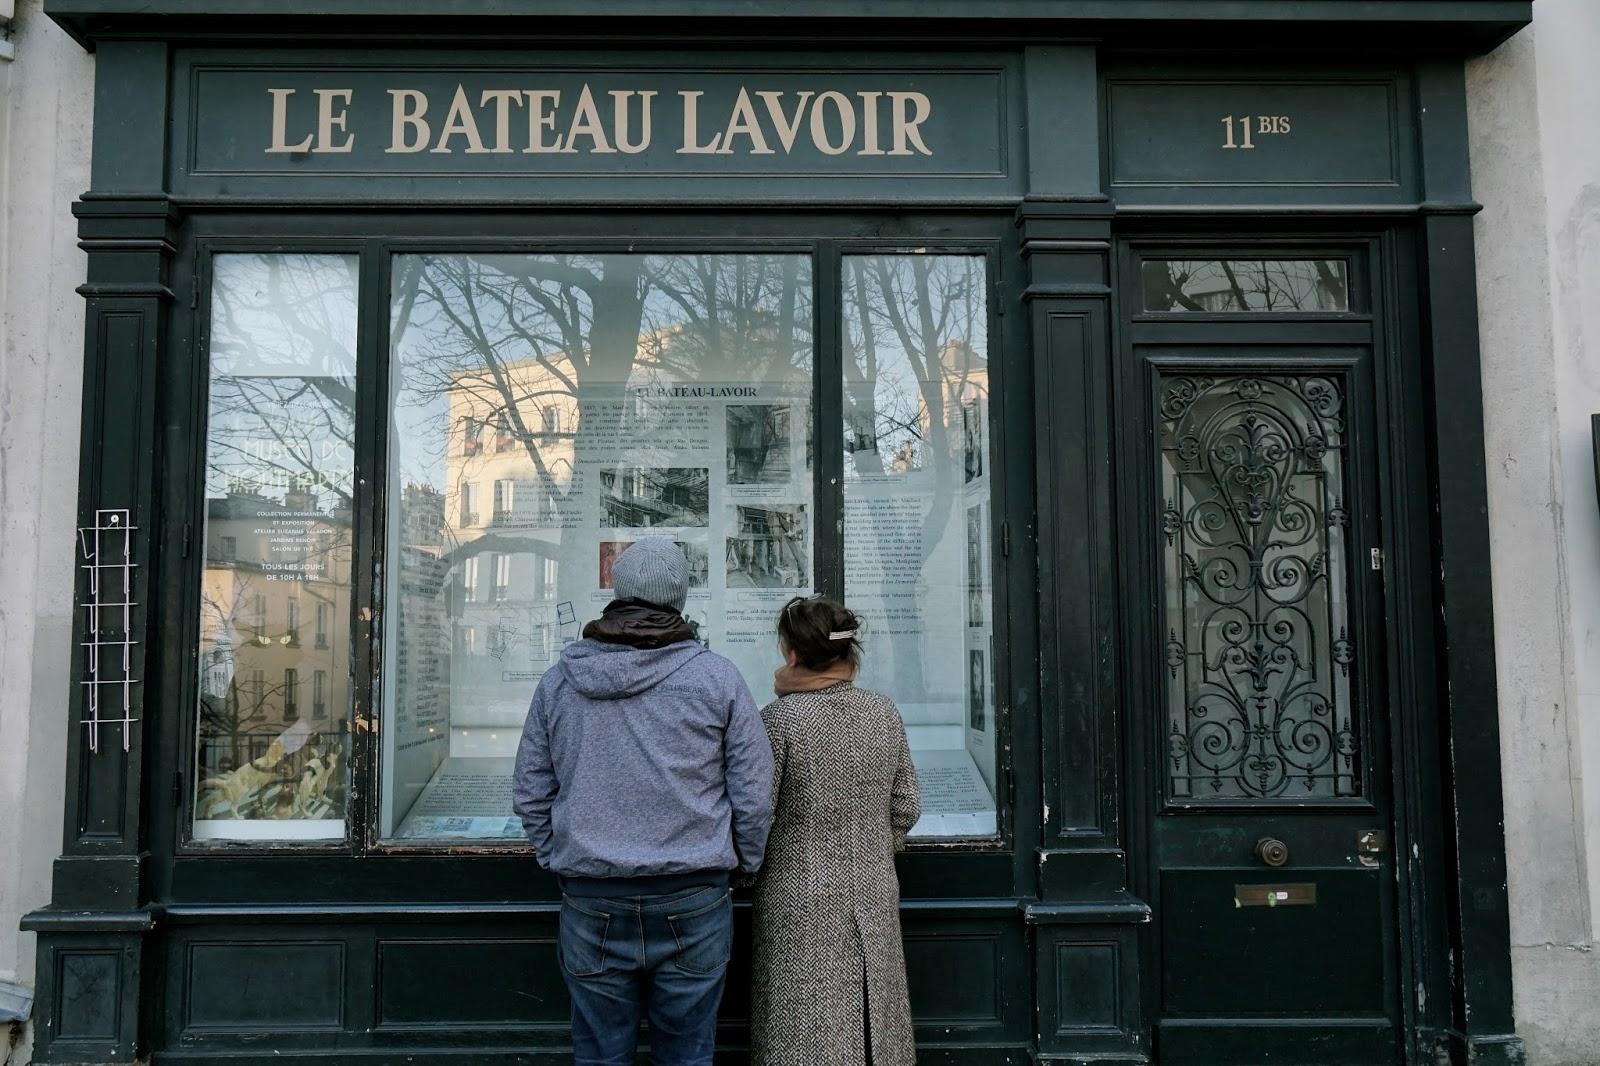 アトリエ洗濯船(Le Bateau-Lavoir)